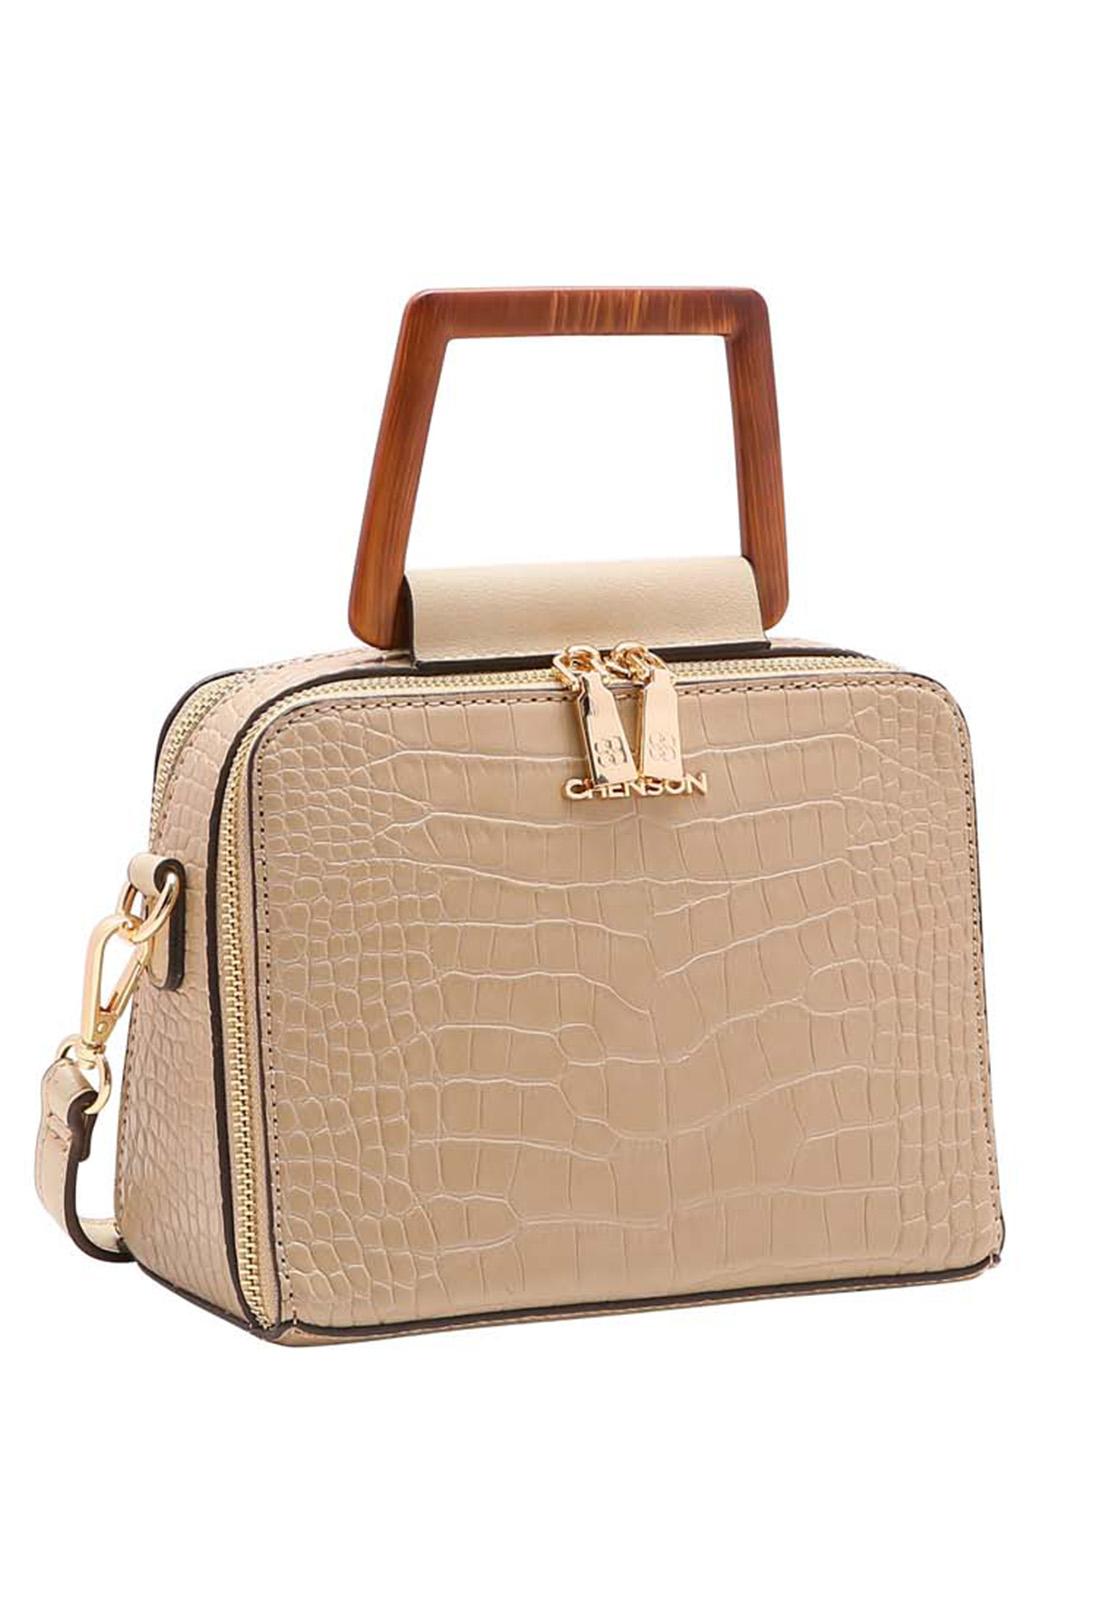 Bolsa Feminina Chenson Rústica Mão 3483512